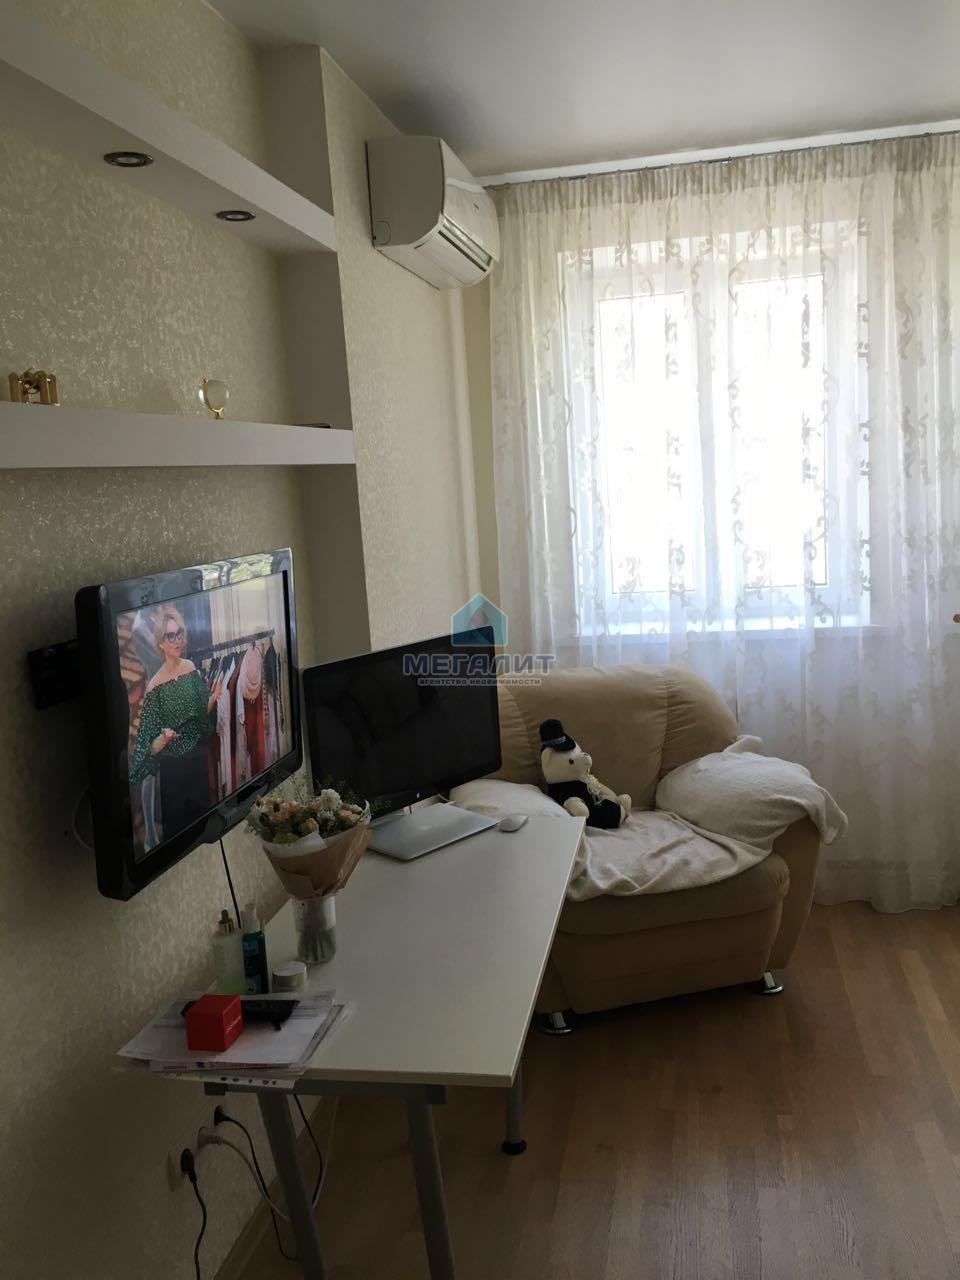 Аренда 1-к квартиры Волкова 70, 42 м²  (миниатюра №4)